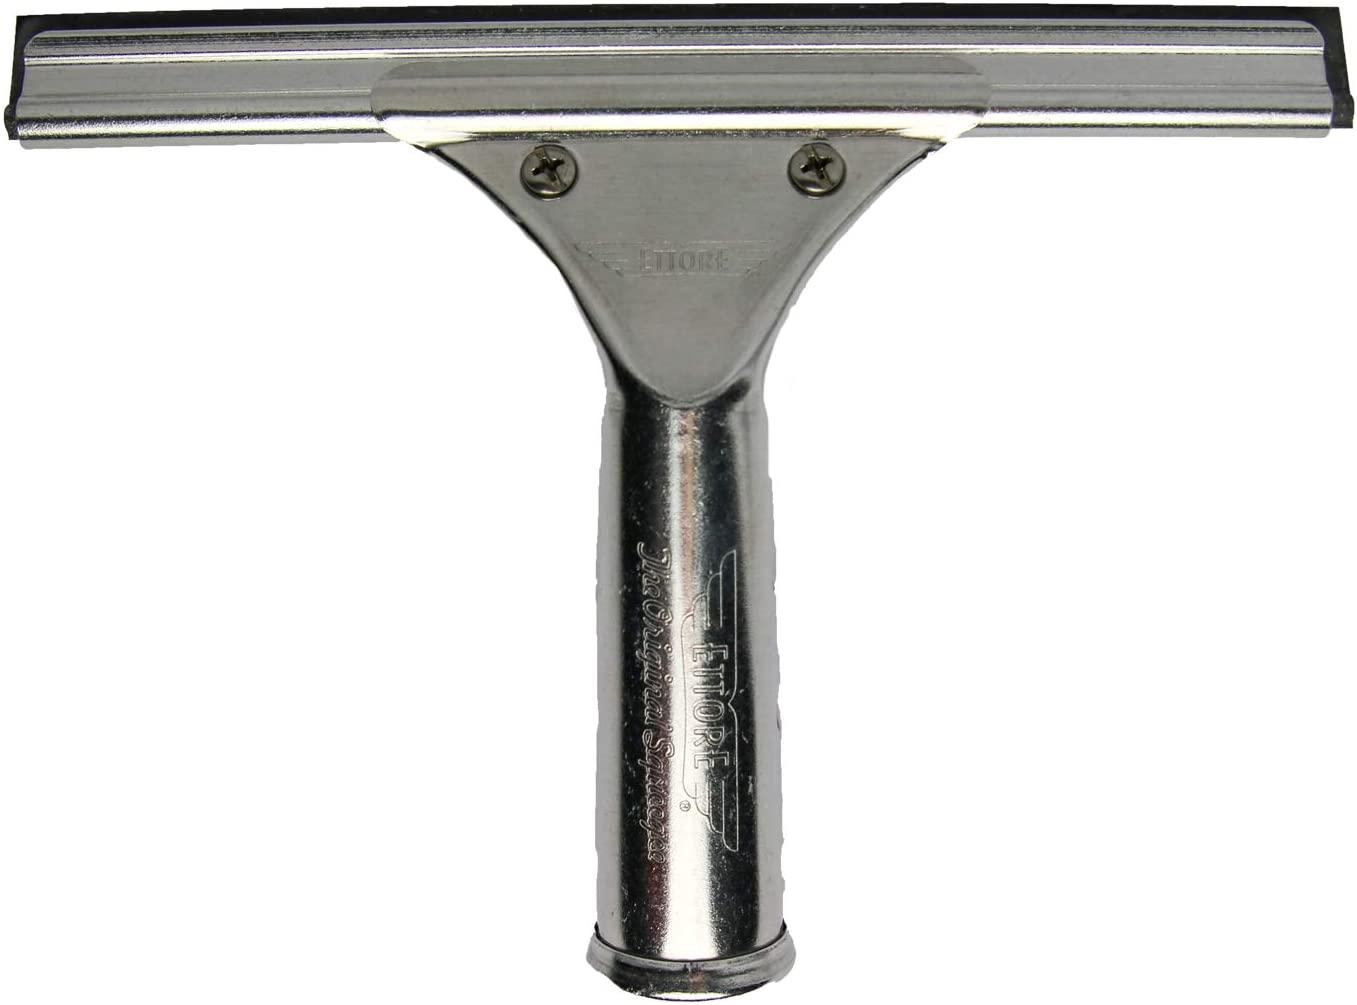 Ettore 11108 Original Squeegee, 8-Inch